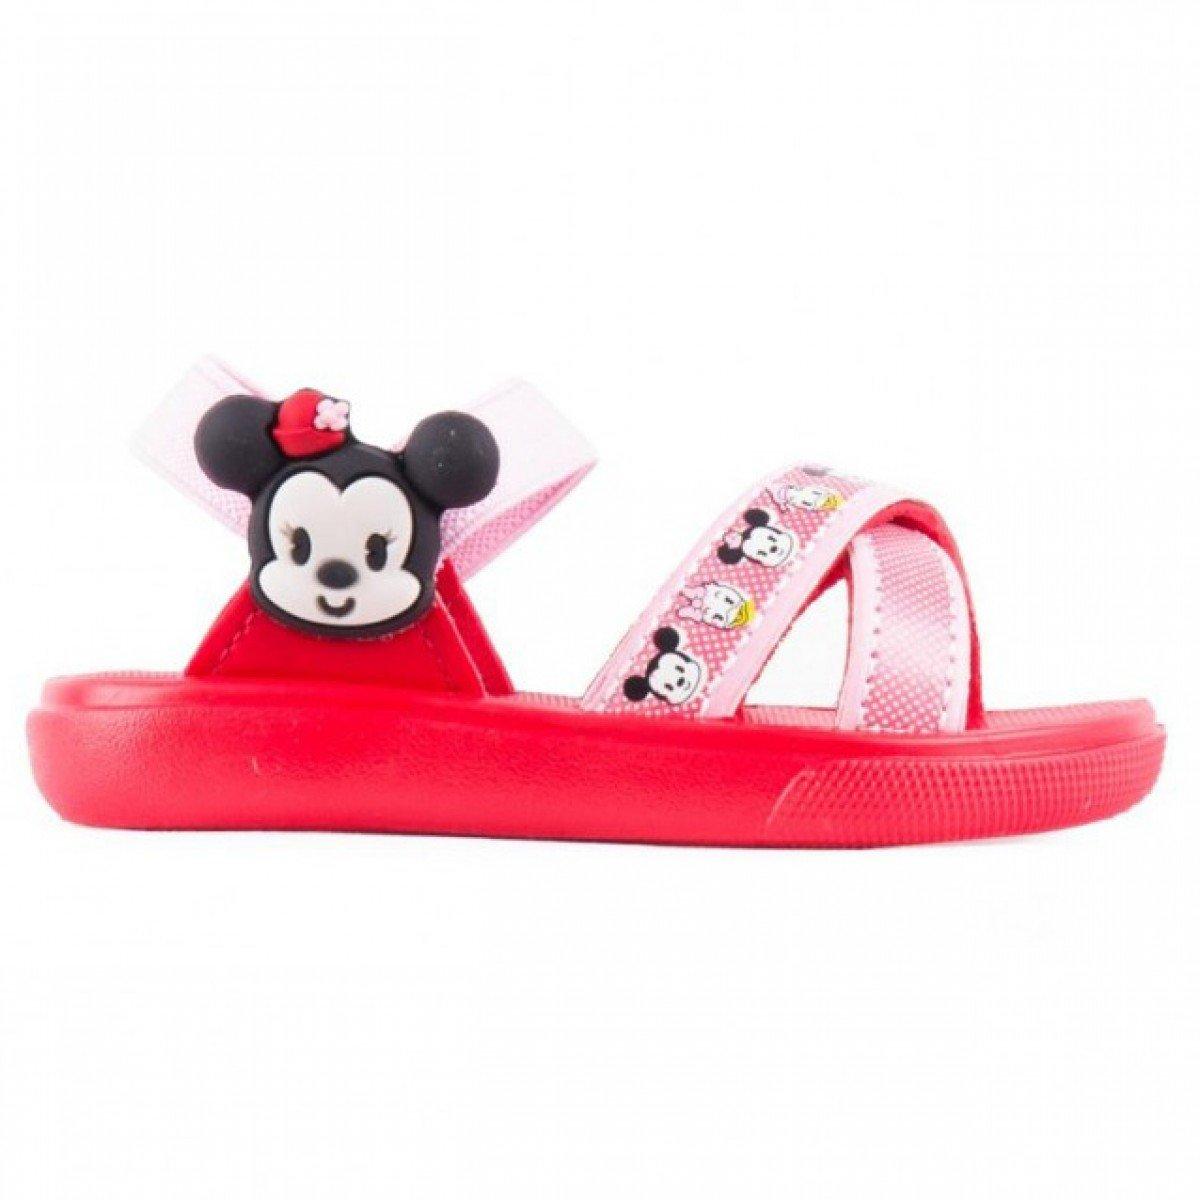 9e06d998b ... Sandália Grendene Mickey e Minnie Hora Infantil - Vermelha ...